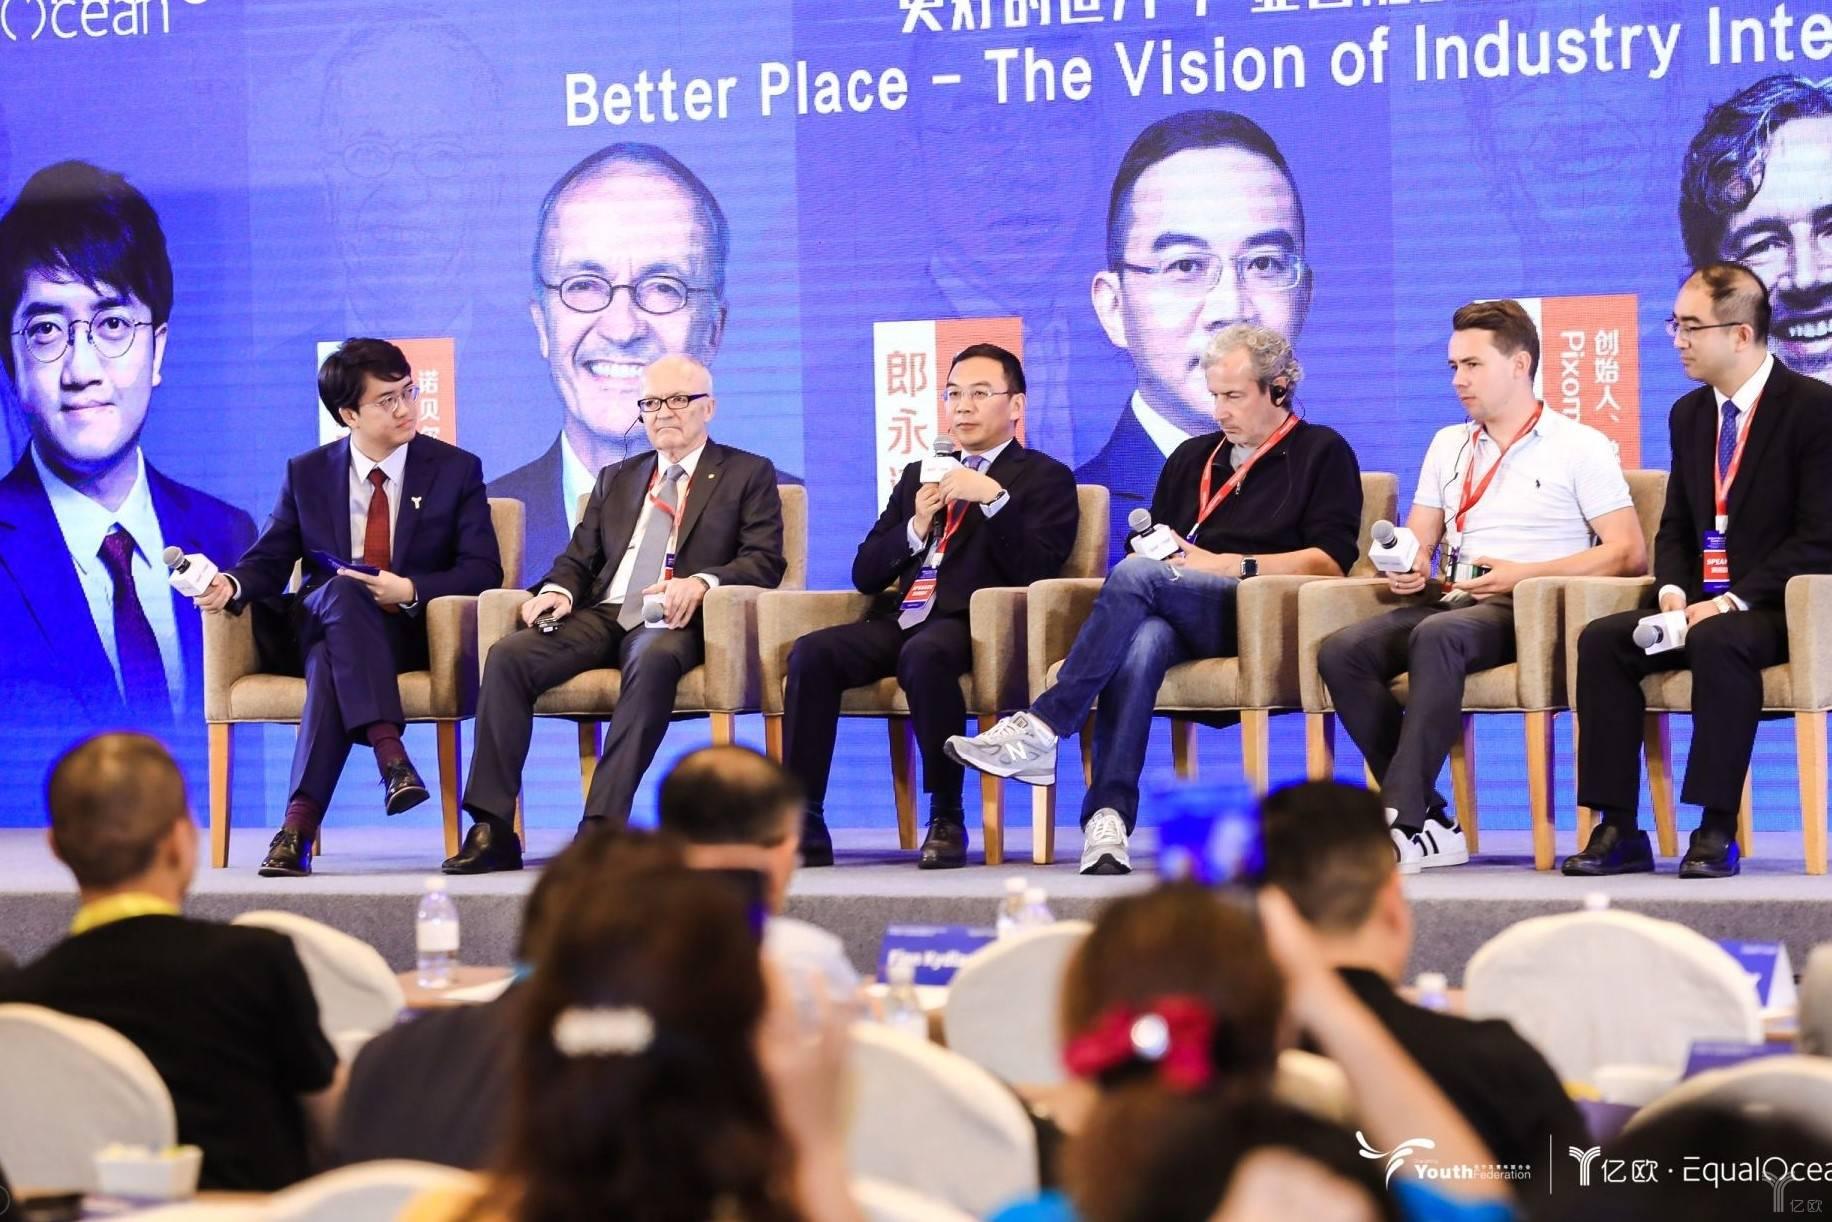 更好的世界-产业智能的全球愿景圆桌讨论.jpg